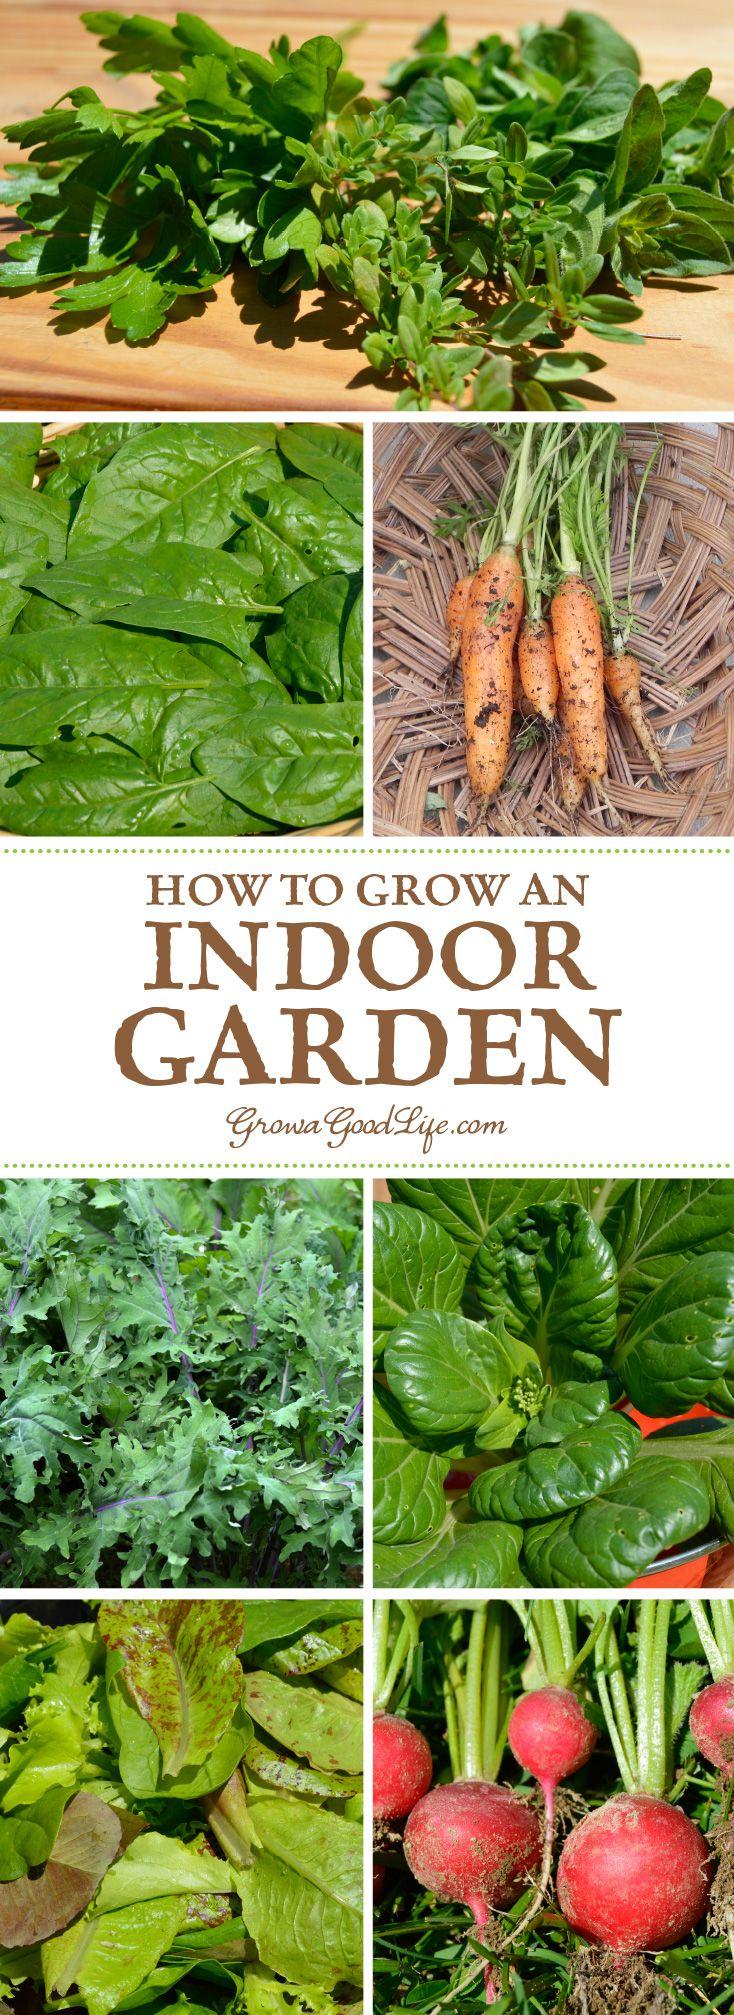 How To Grow An Indoor Garden Vegetable Garden Indoor 400 x 300